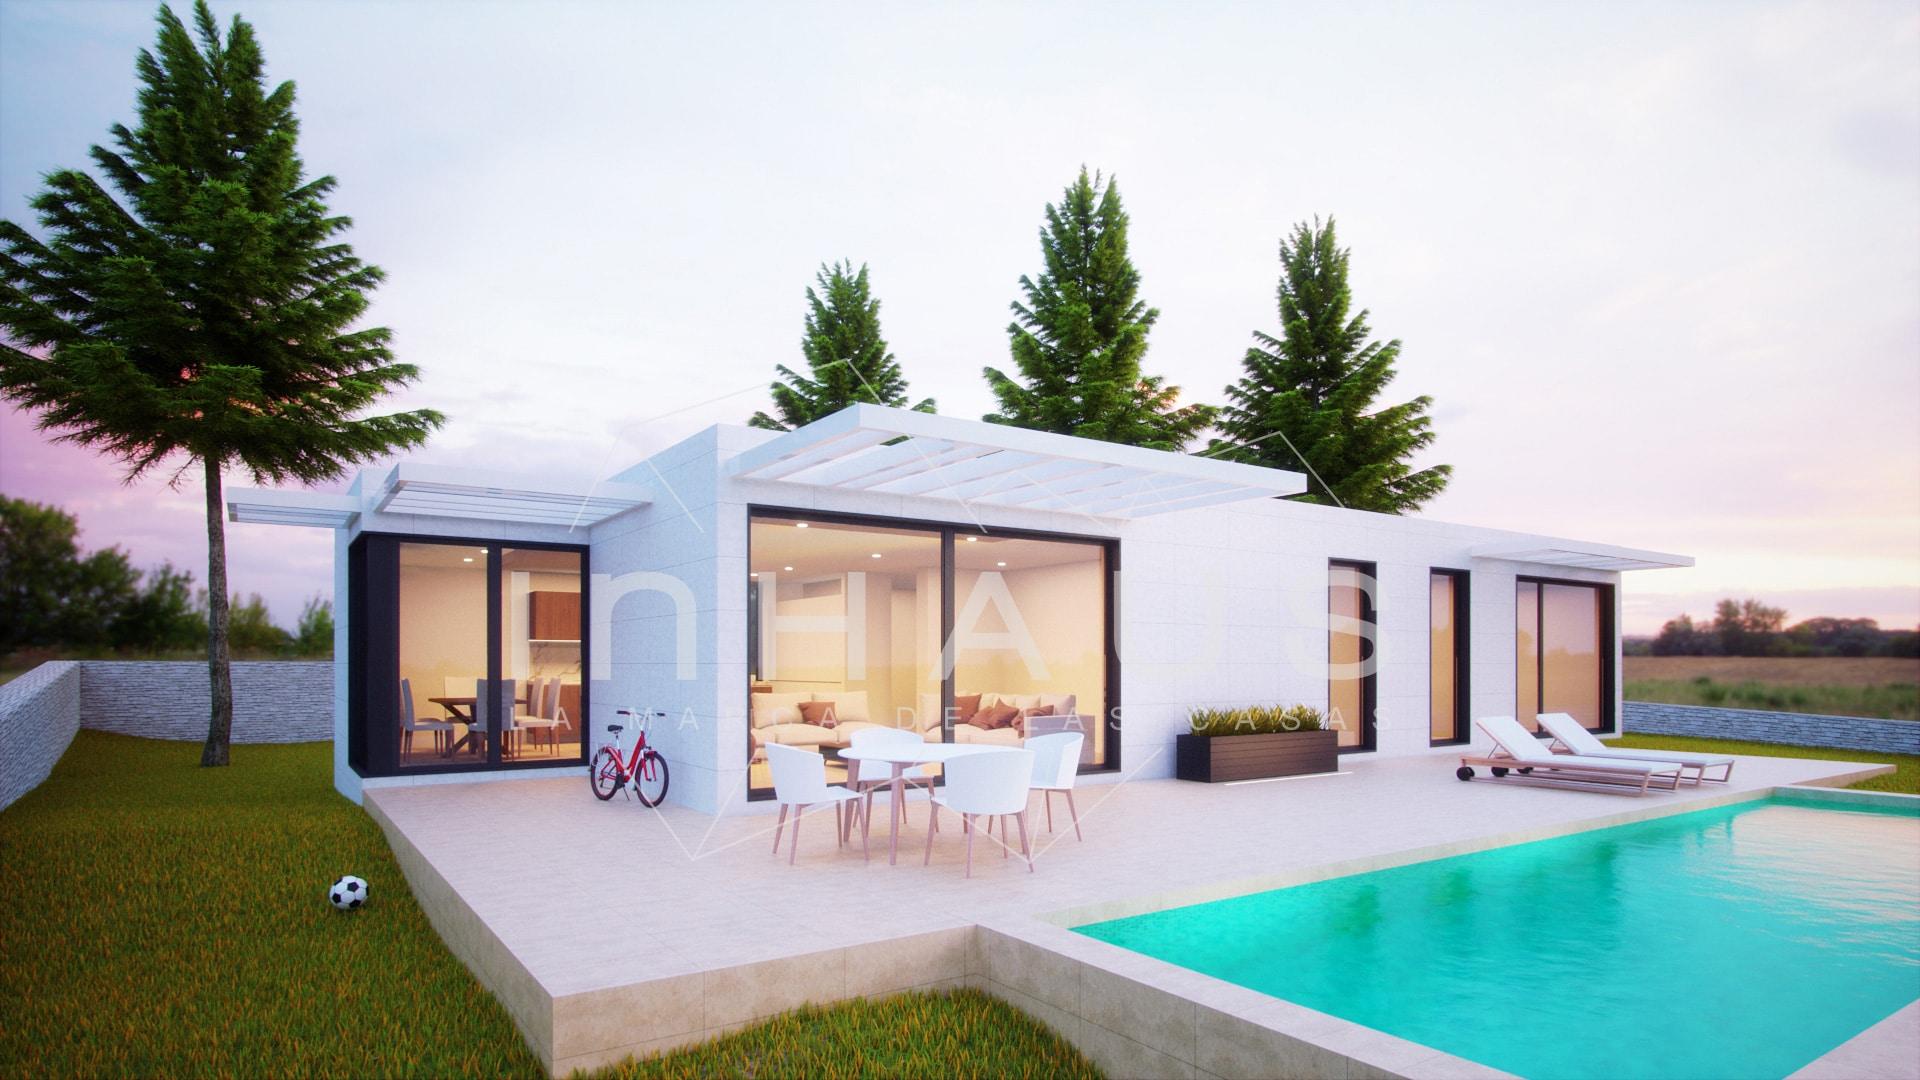 Casas prefabricadas ya c mo construir una casa en 60 - Casas inhaus ...